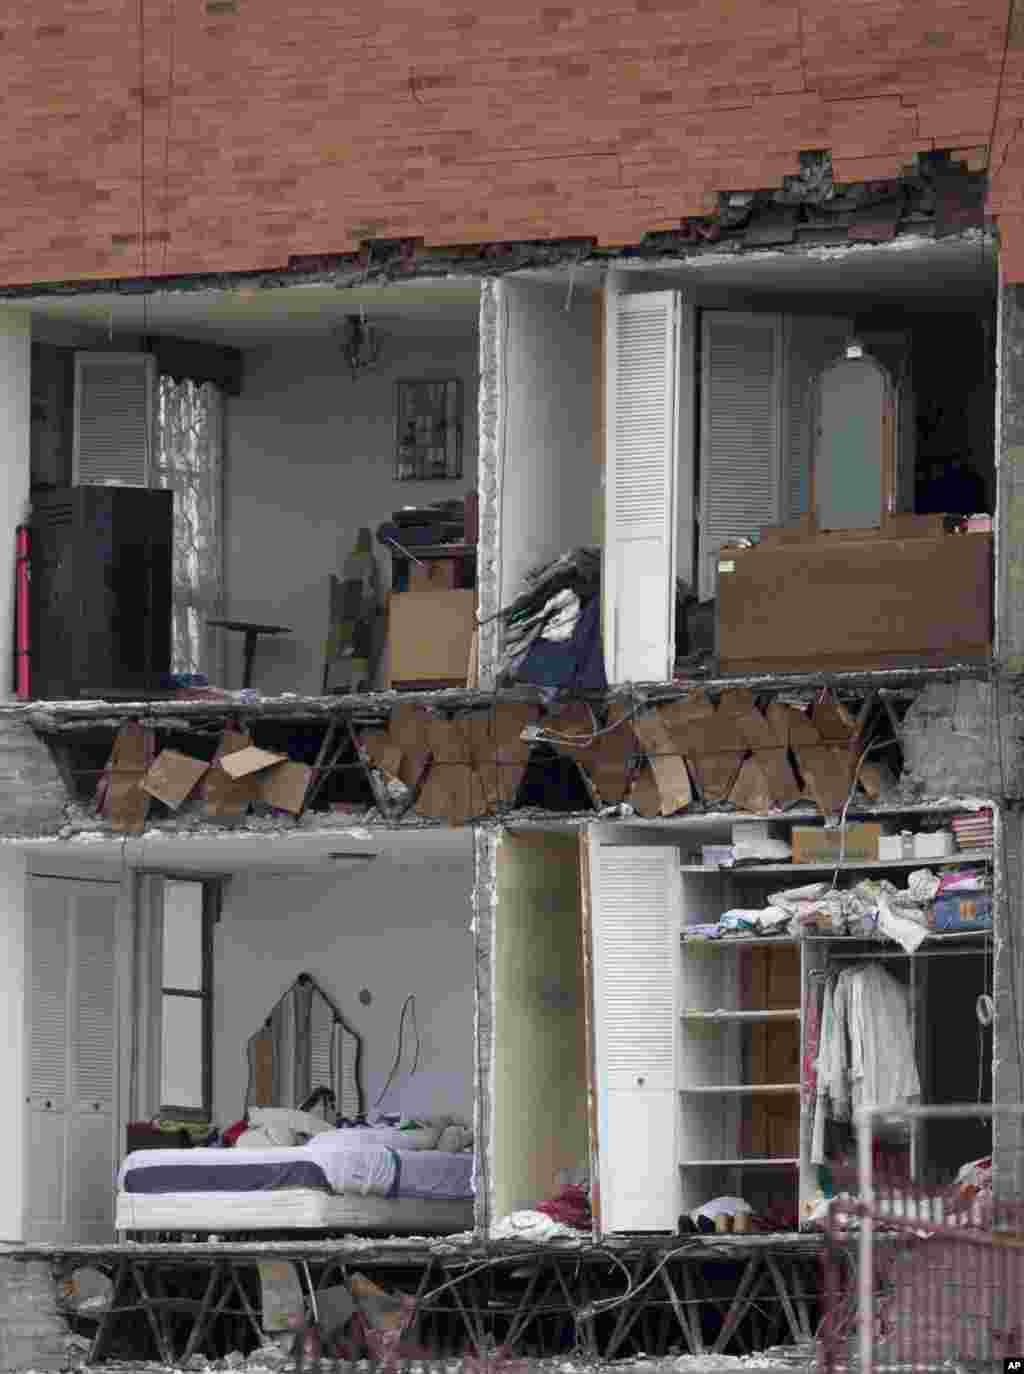 خانه های تخریب شده پس از زلزله شدید مکزیک.عملیات جستجو برای یافتن قرانیان زلزله مکزیک همچنان ادامه دارد.